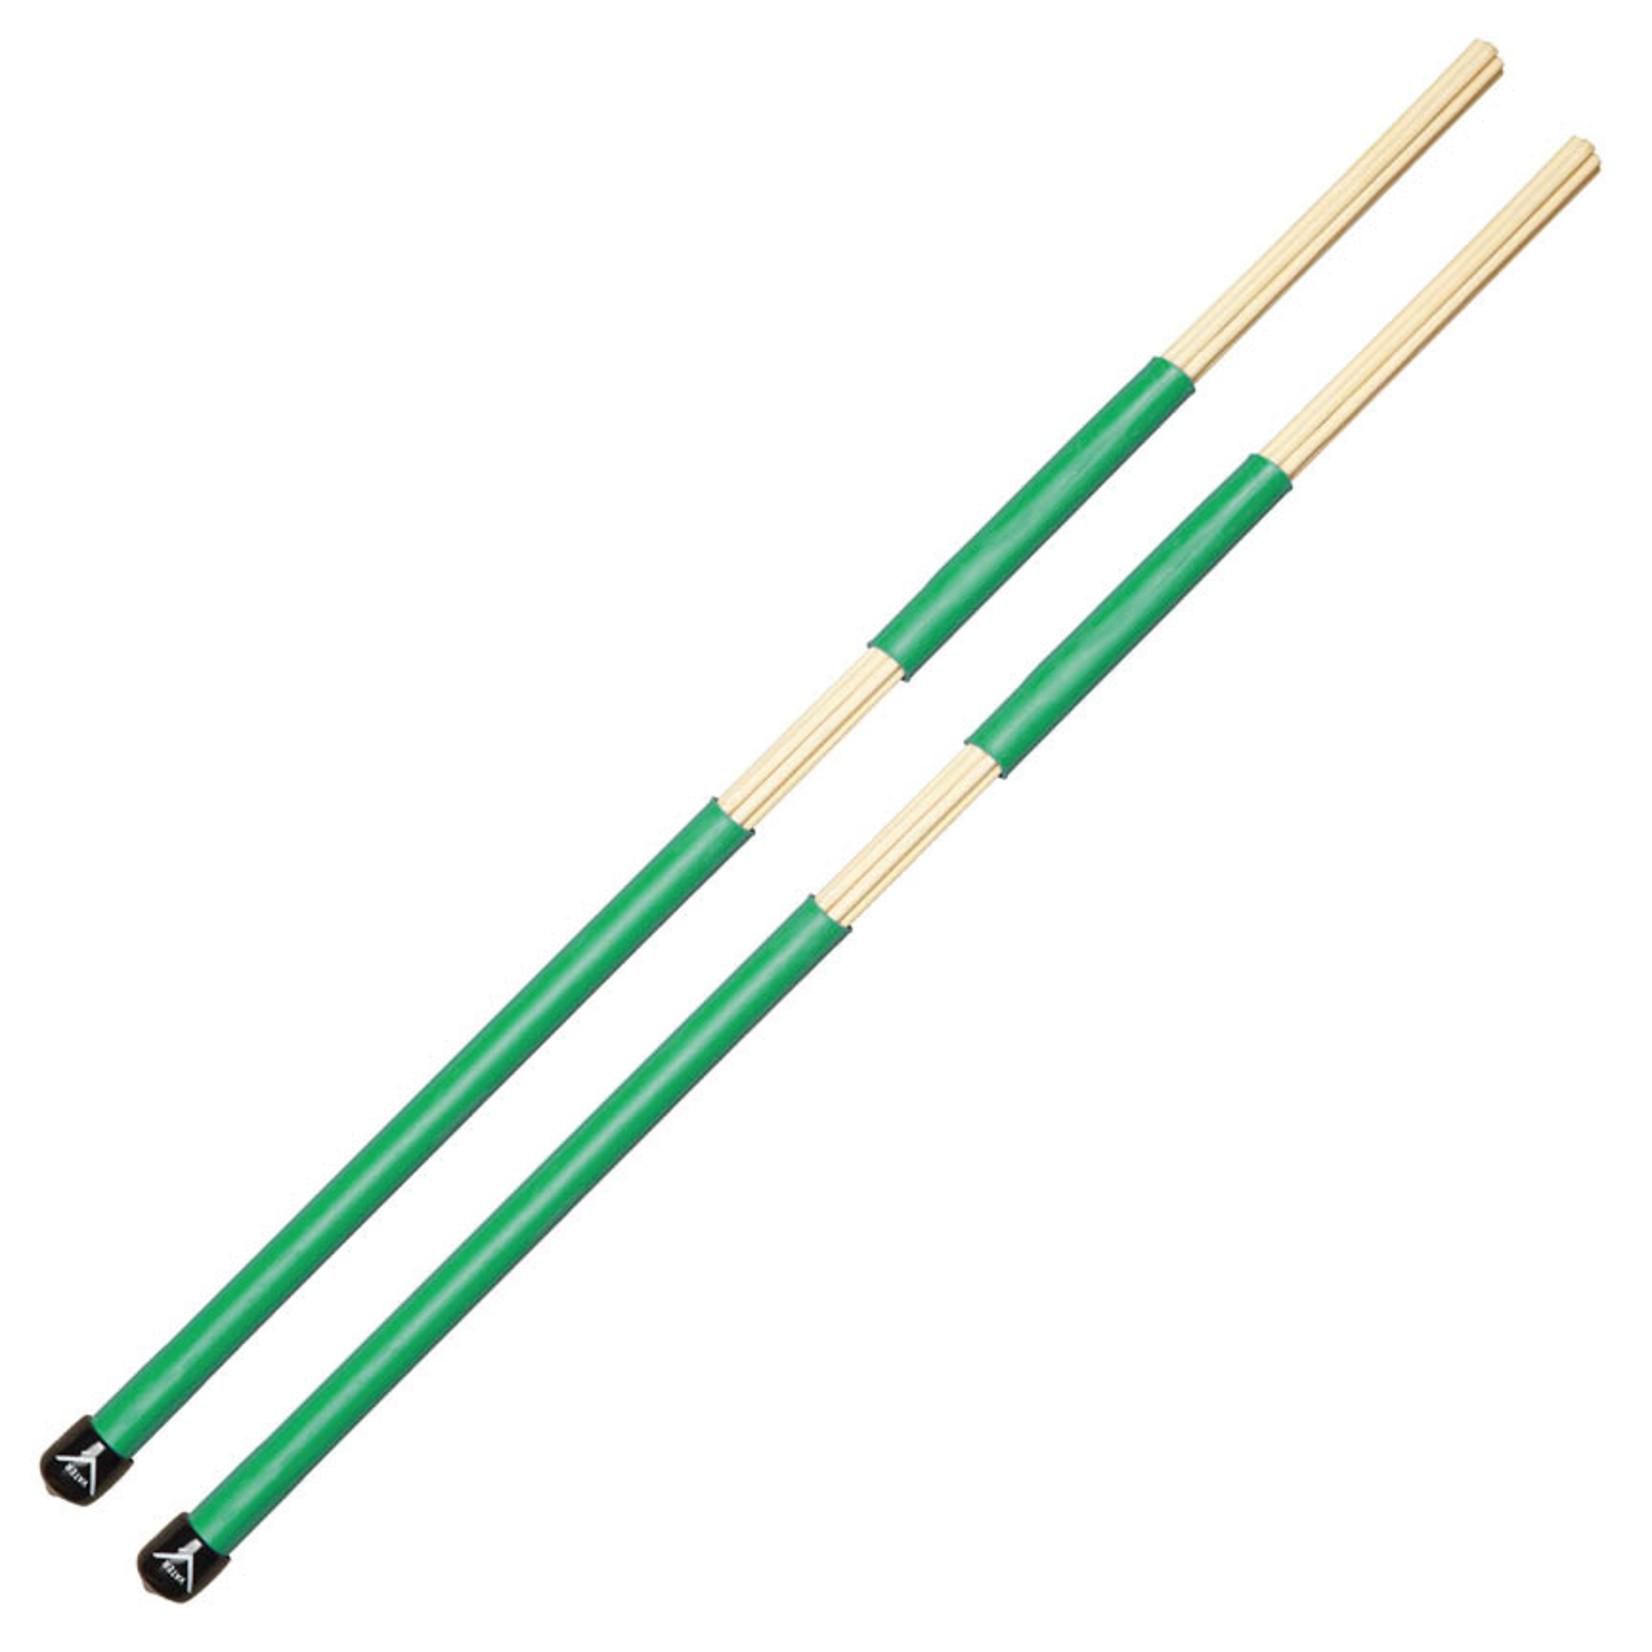 Vater Vater Bamboo Splashstick Slim